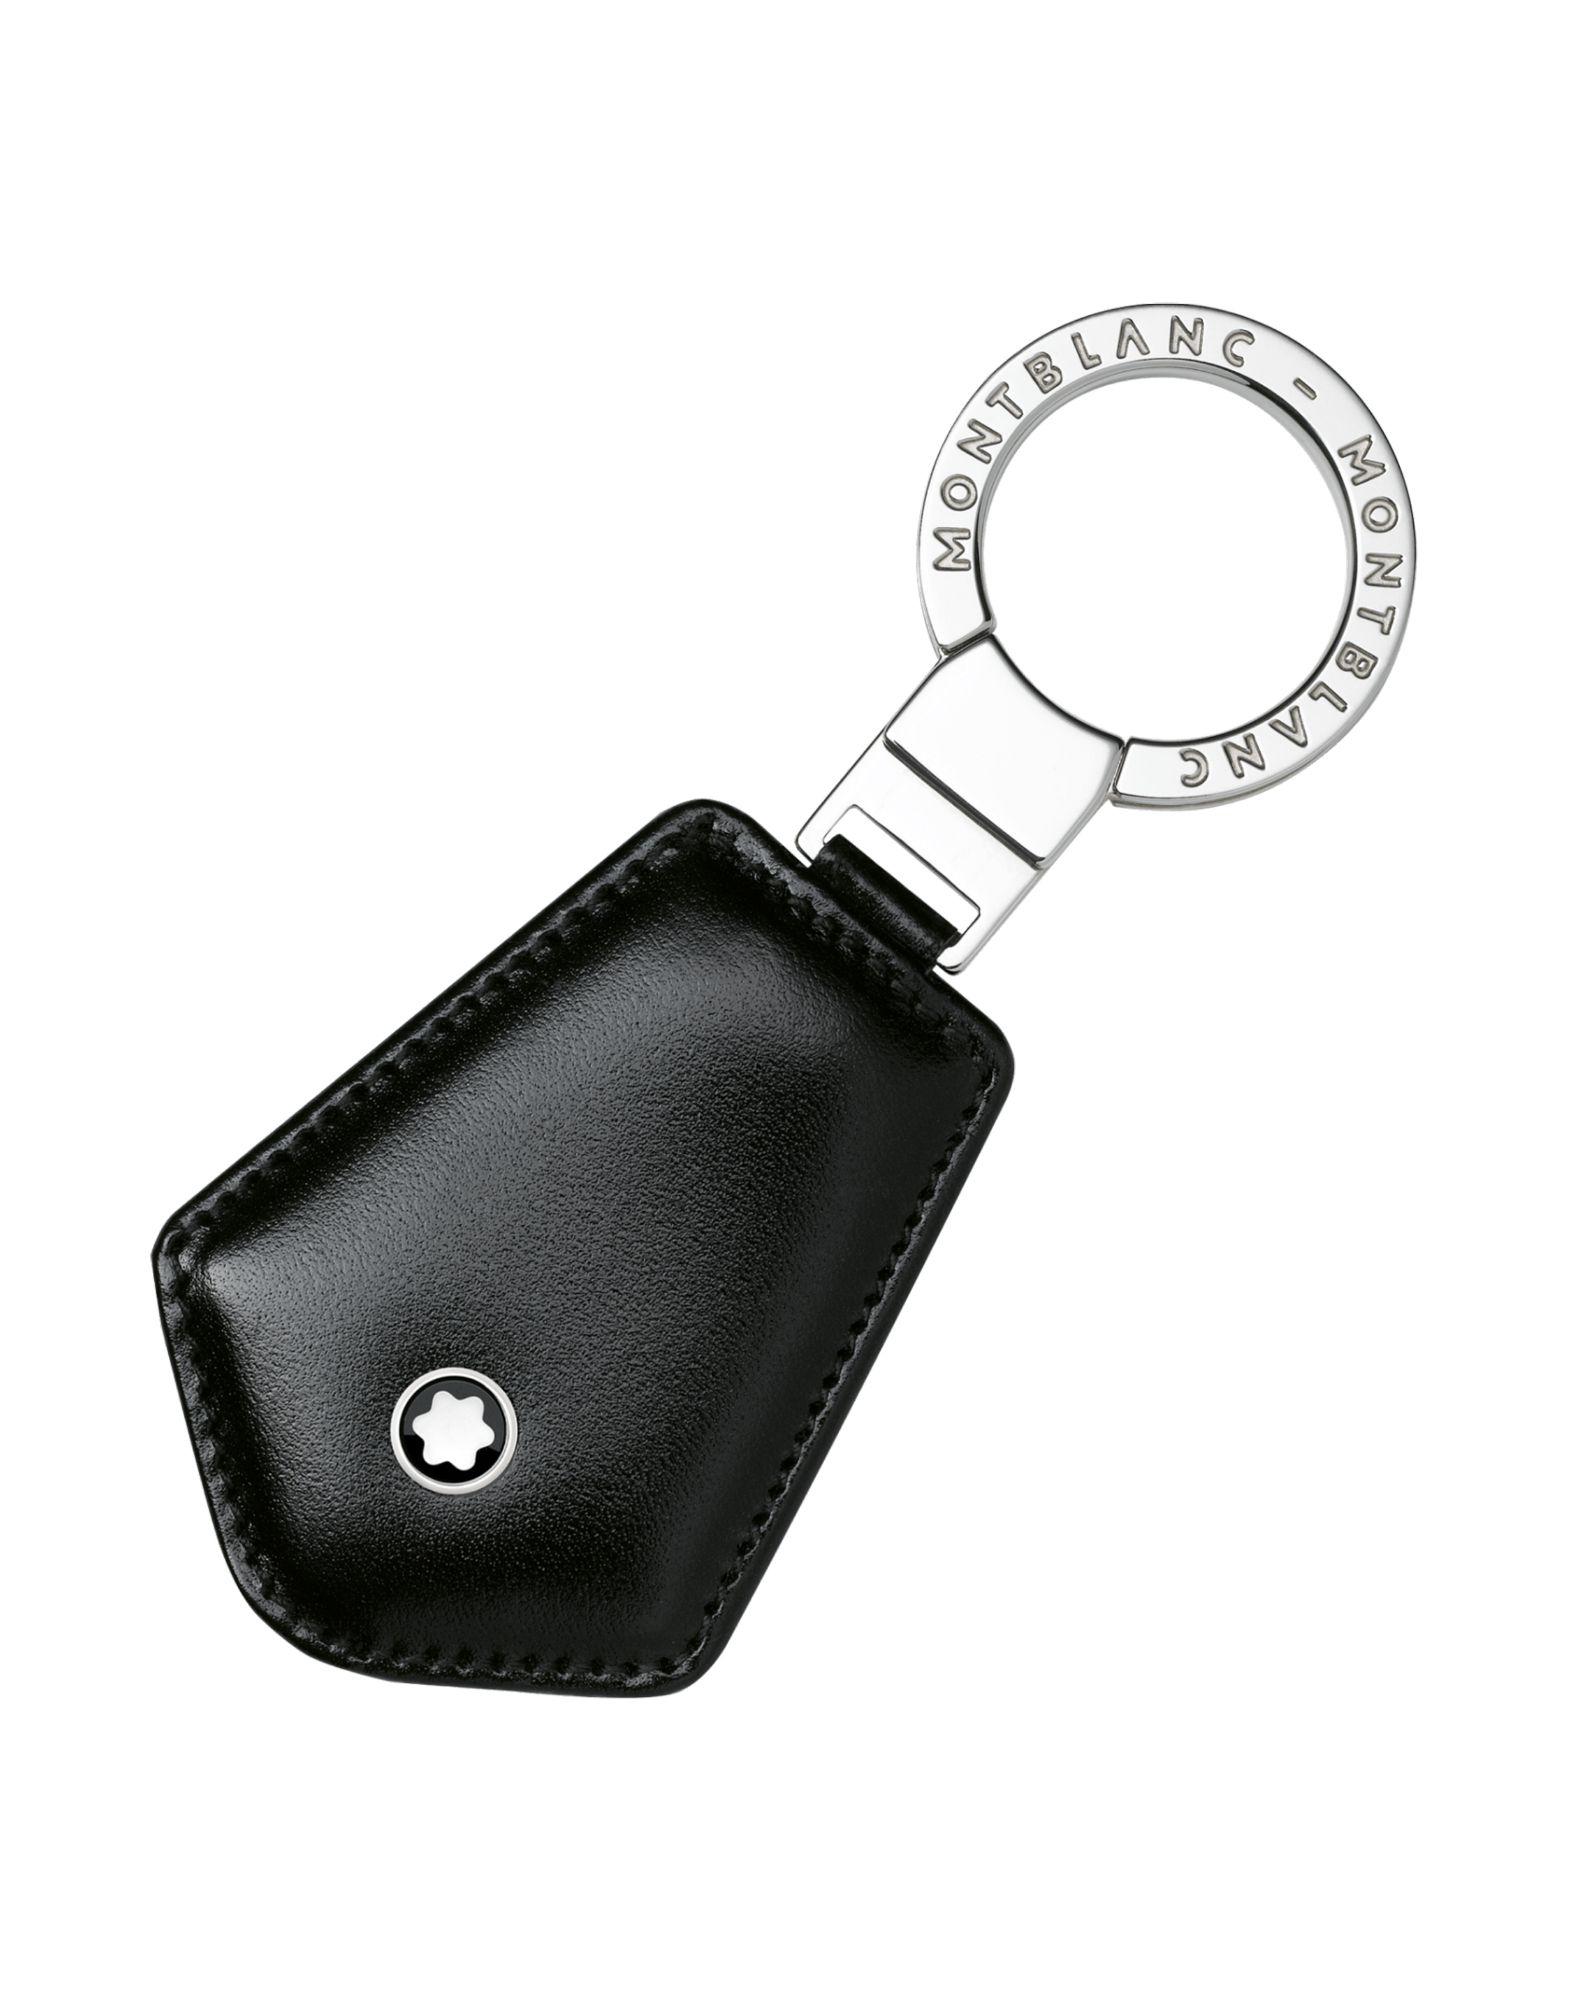 MONTBLANC Брелок для ключей jobon bang bang с двойным кольцом для ключей легко снимать брелок для ключей брелок для ключей брелок для ключей zb 8753g красный розовое золото